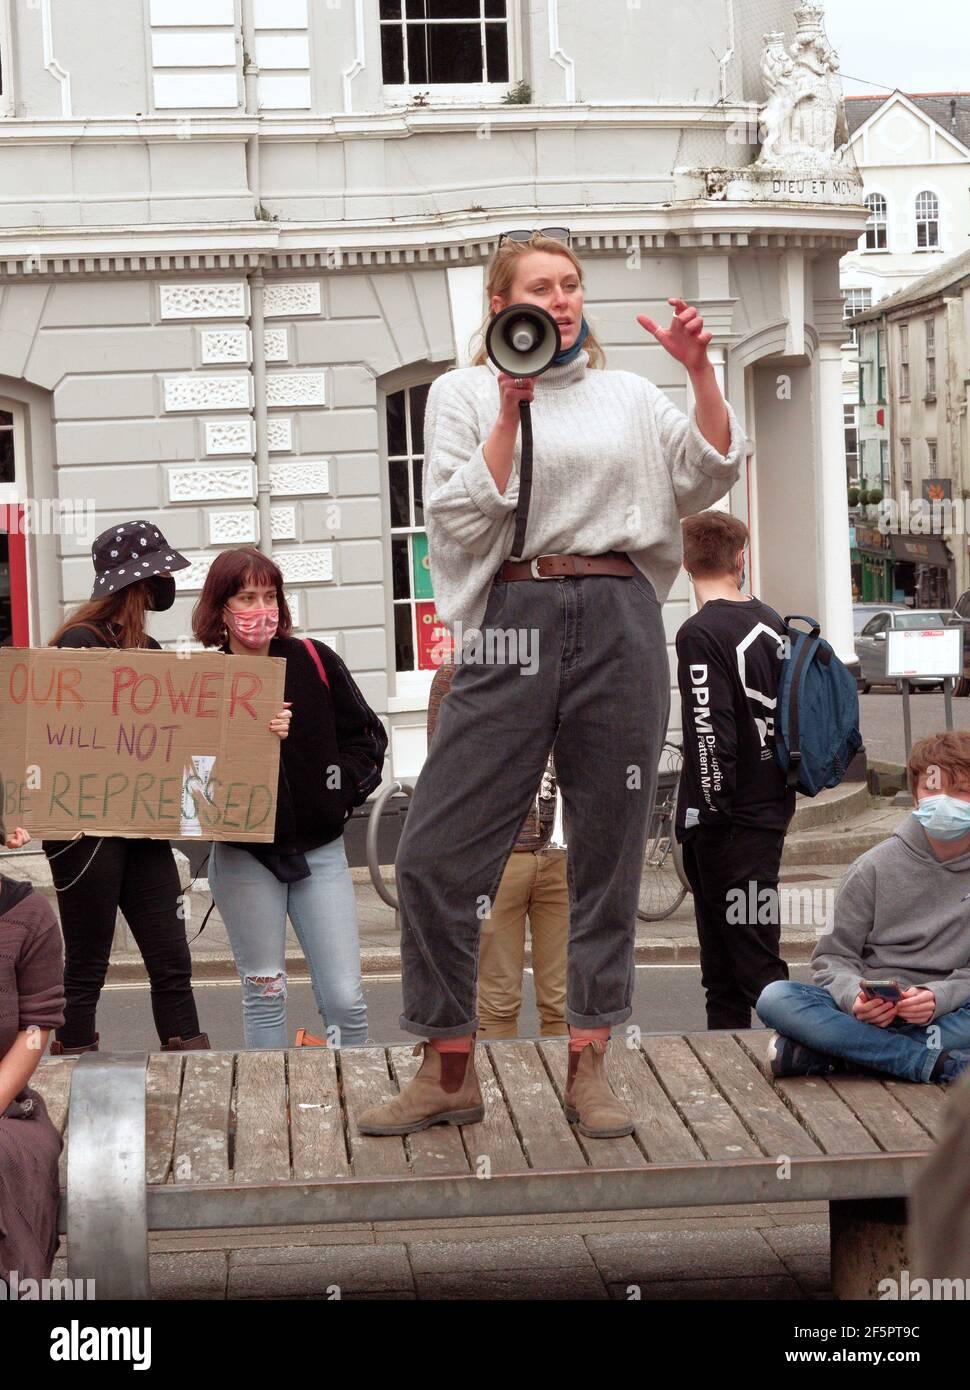 Falmouth, Cornwall, Reino Unido. 27 de marzo de 2021. Una manifestación de matar el proyecto de ley y una marcha en la que participan varios cientos de manifestantes ocurre en la plaza Moor en Falmouth, después de que los oradores terminaran, una marcha de 1,5 millas por el centro de la ciudad hasta Discovery Quay tuvo lugar para más discursos. La protesta en violación de las reglas de Covid fue vigilada a distancia por agentes de Devon y Cornwall. El proyecto de ley sobre la policía, el crimen y la sentencia y los tribunales podría causar graves limitaciones a los manifestantes que se considera que están causando graves trastornos. Falmouth. Cornwall, Inglaterra, 27th de marzo de 2021, crédito: Robert Taylor/Alamy Live NE Foto de stock